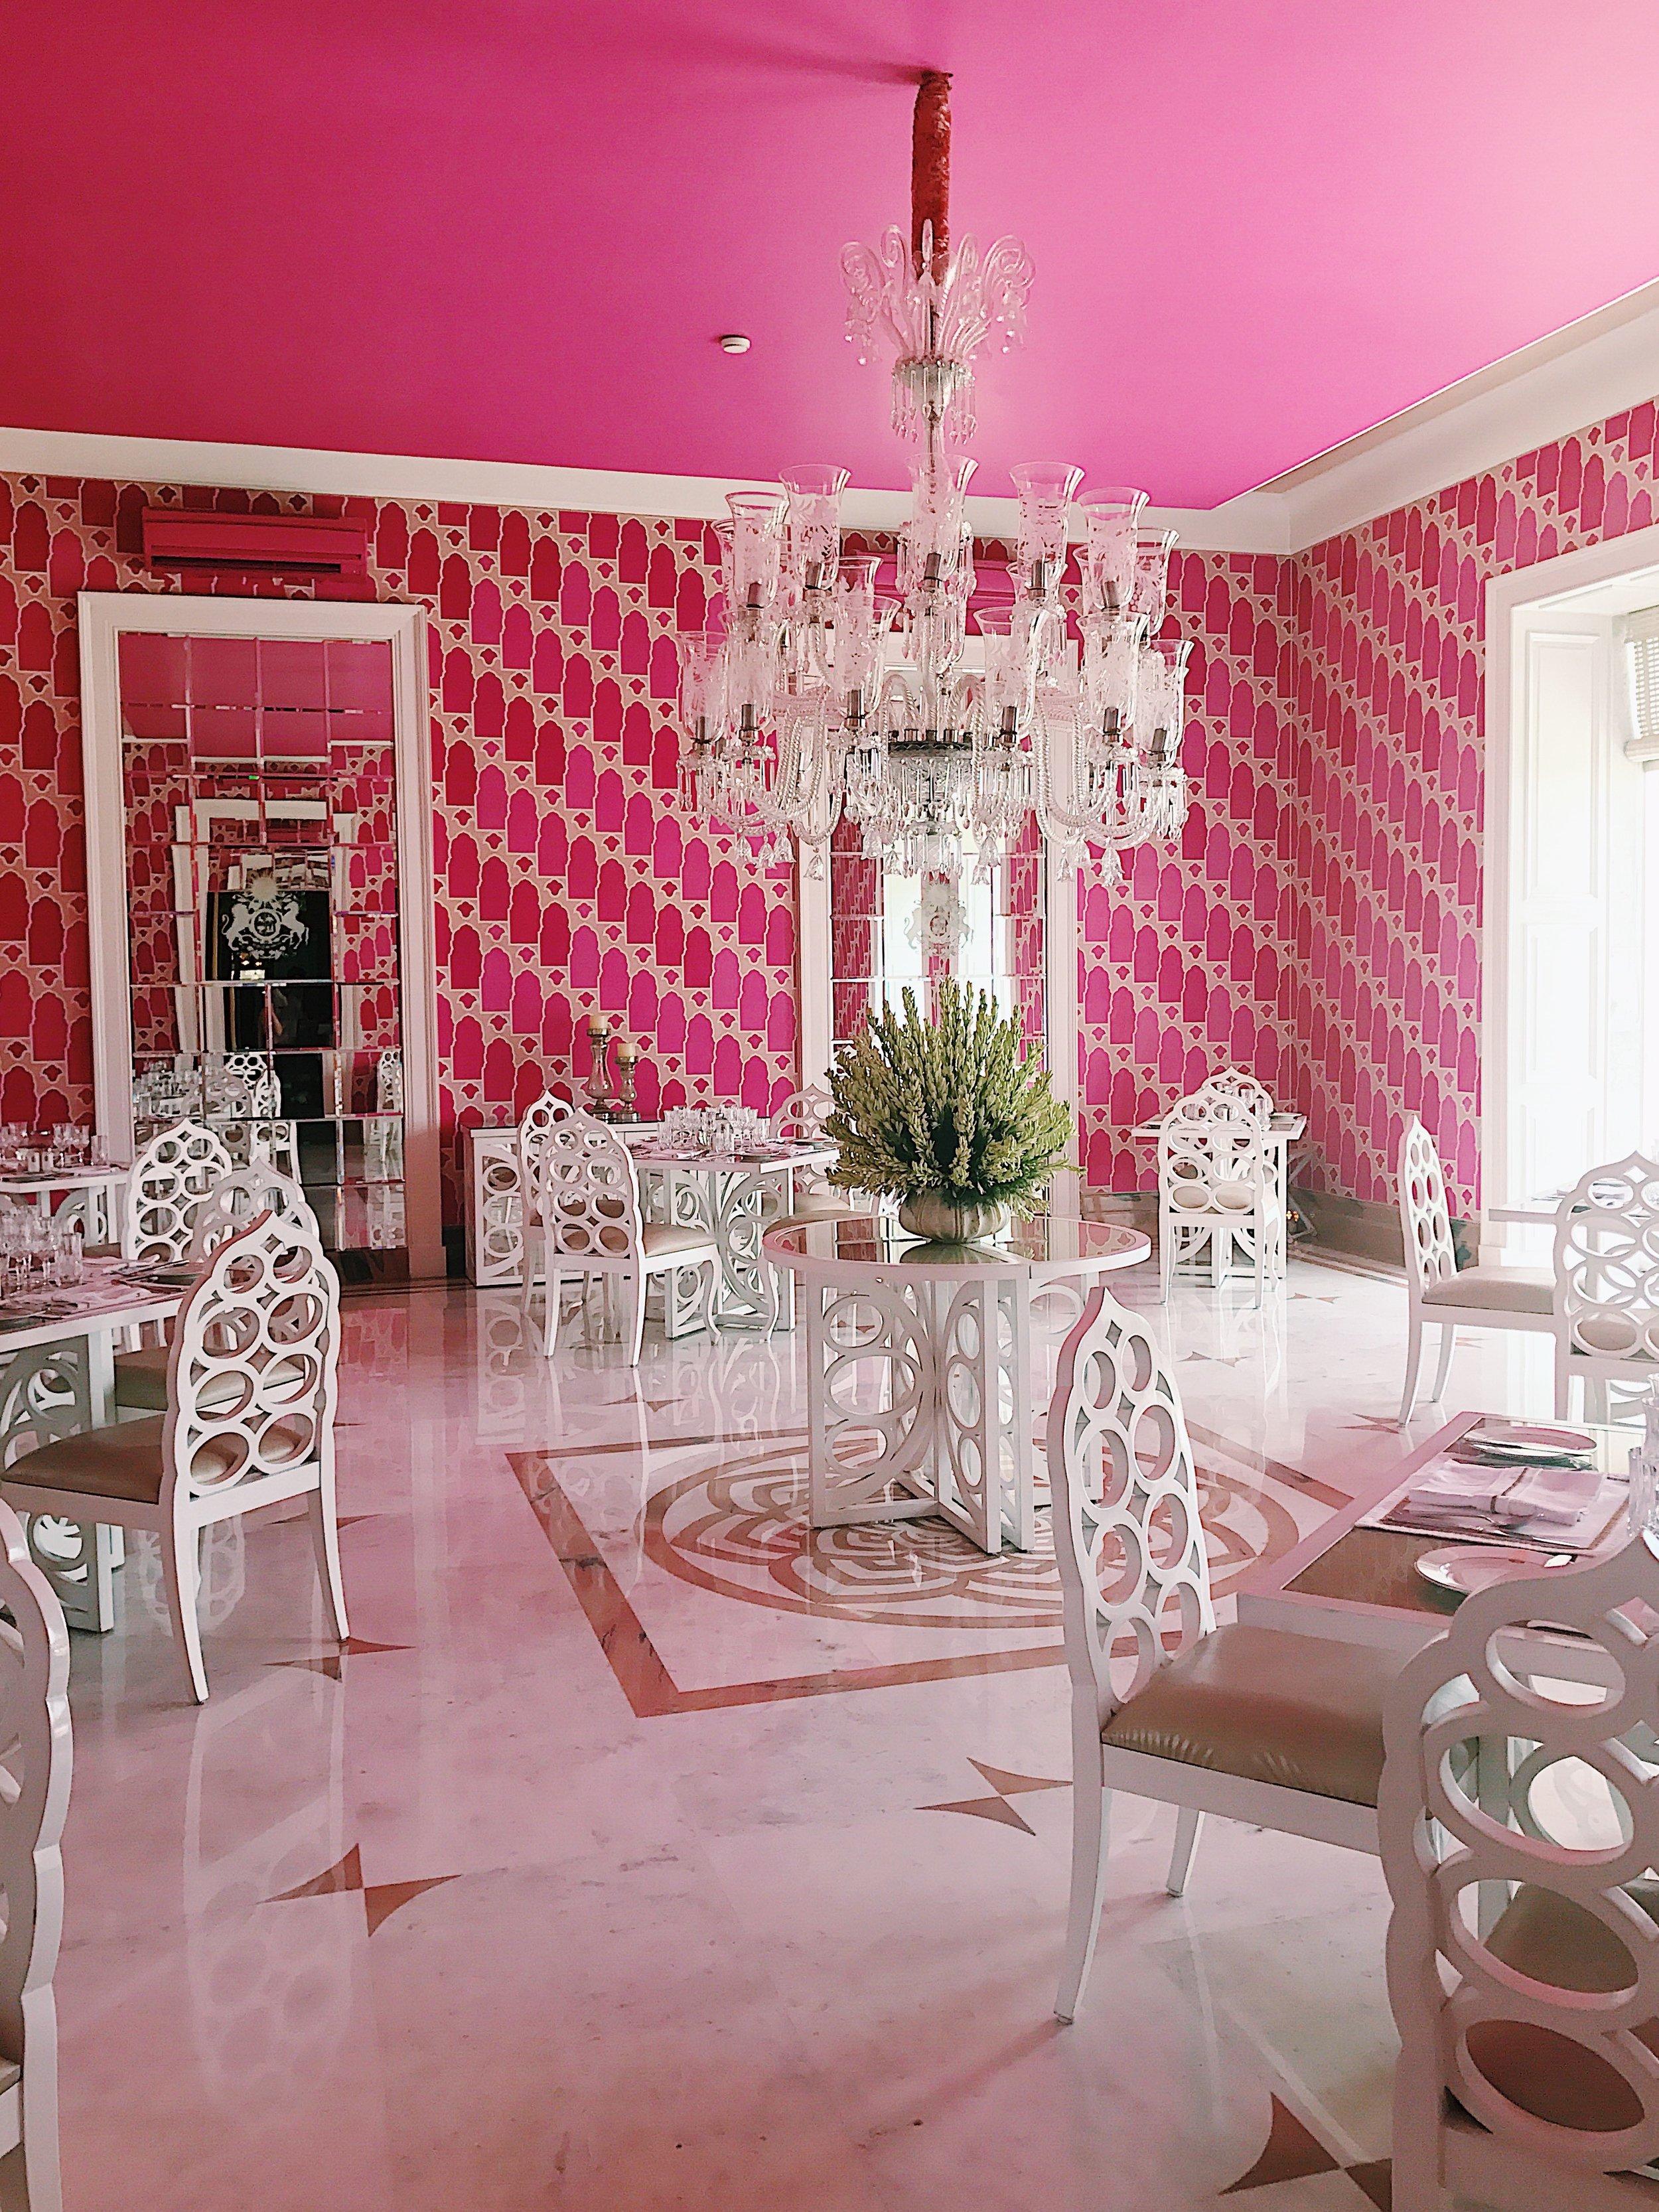 Dining Room at SUJAN Rajmahal